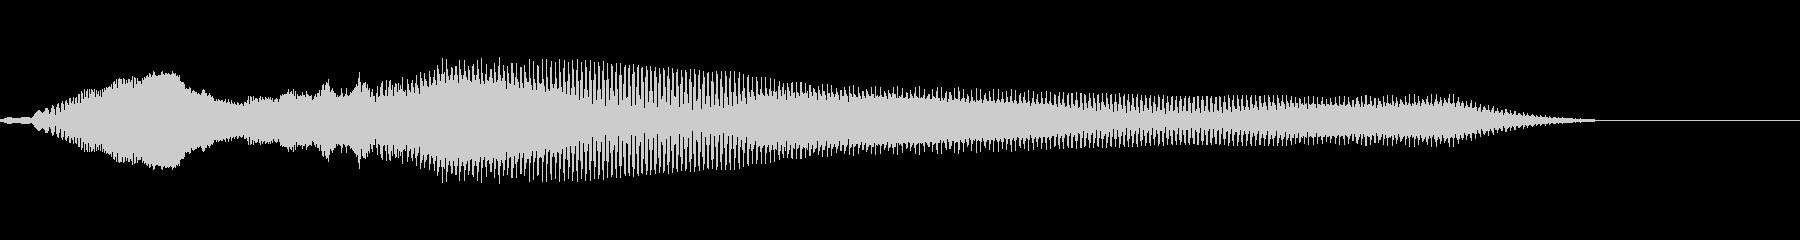 電子系 バリアを張る音の未再生の波形